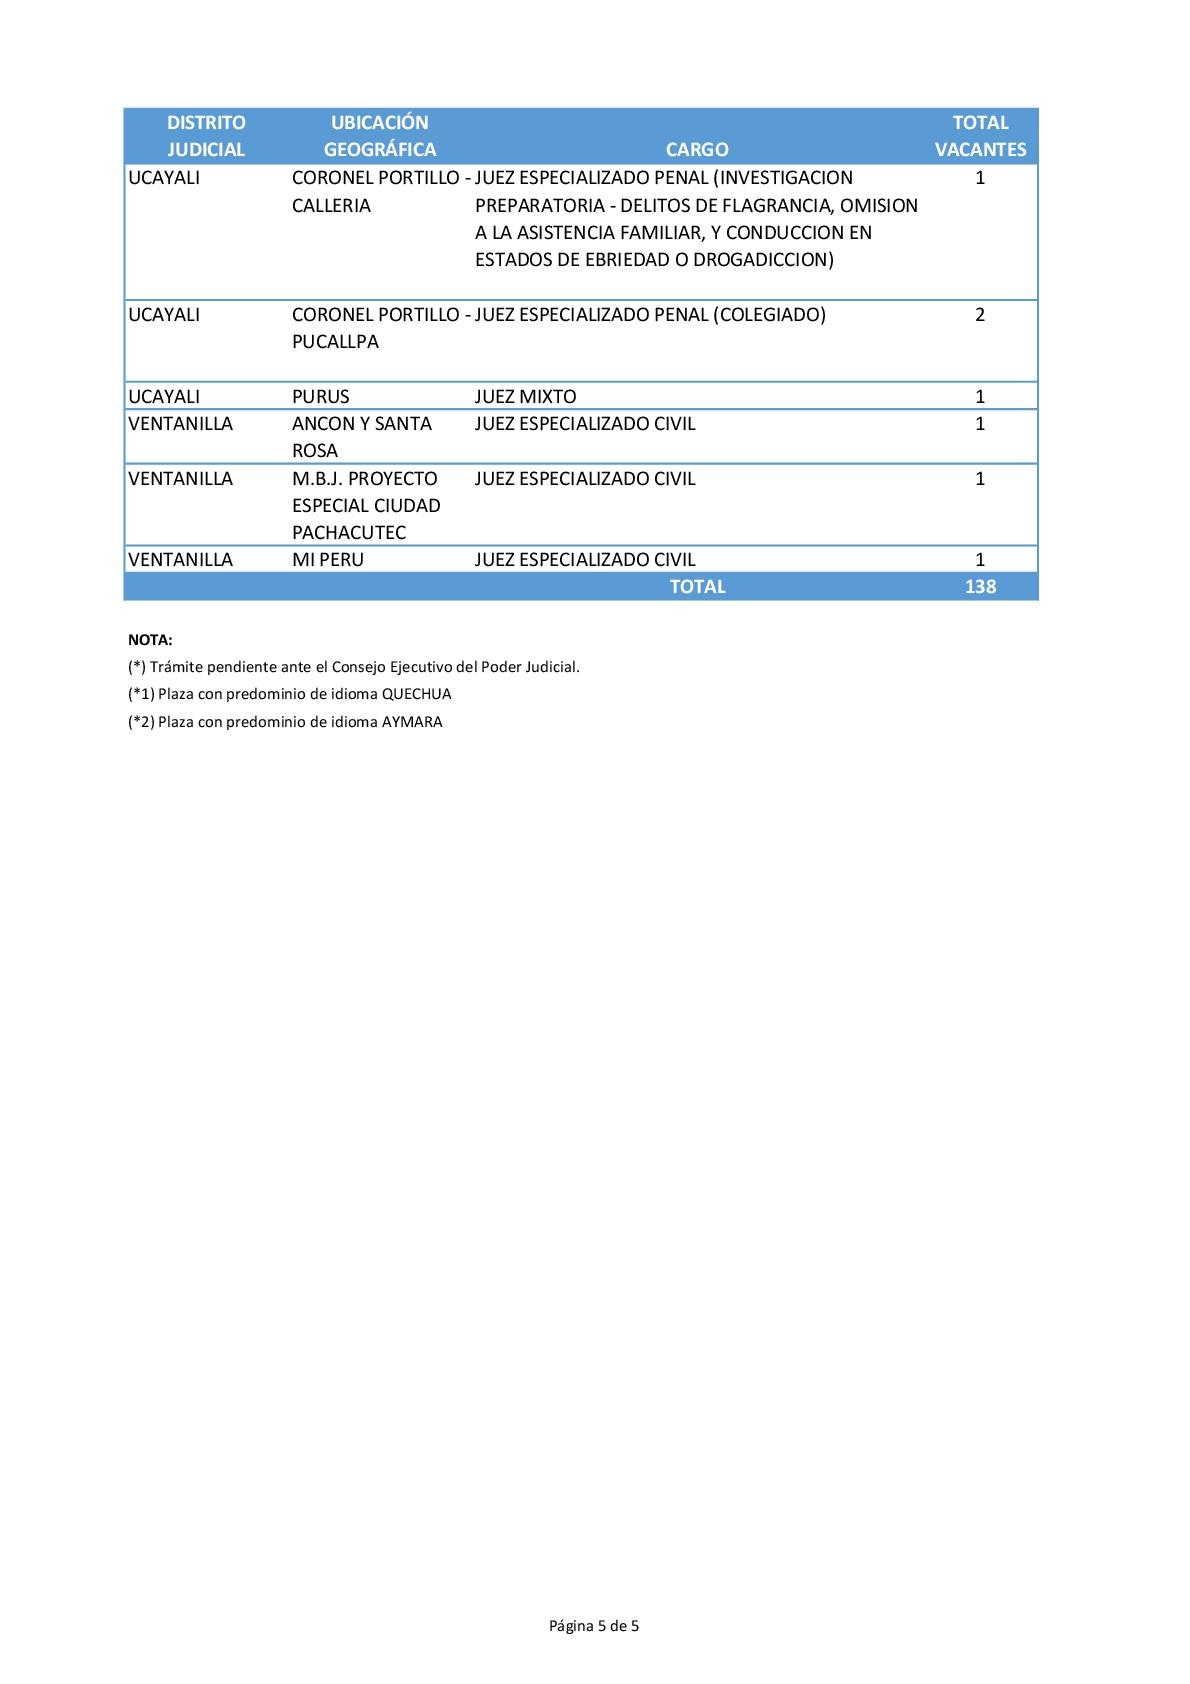 Plazas-vacantes-002-2017-CNM-Legis.pe-005